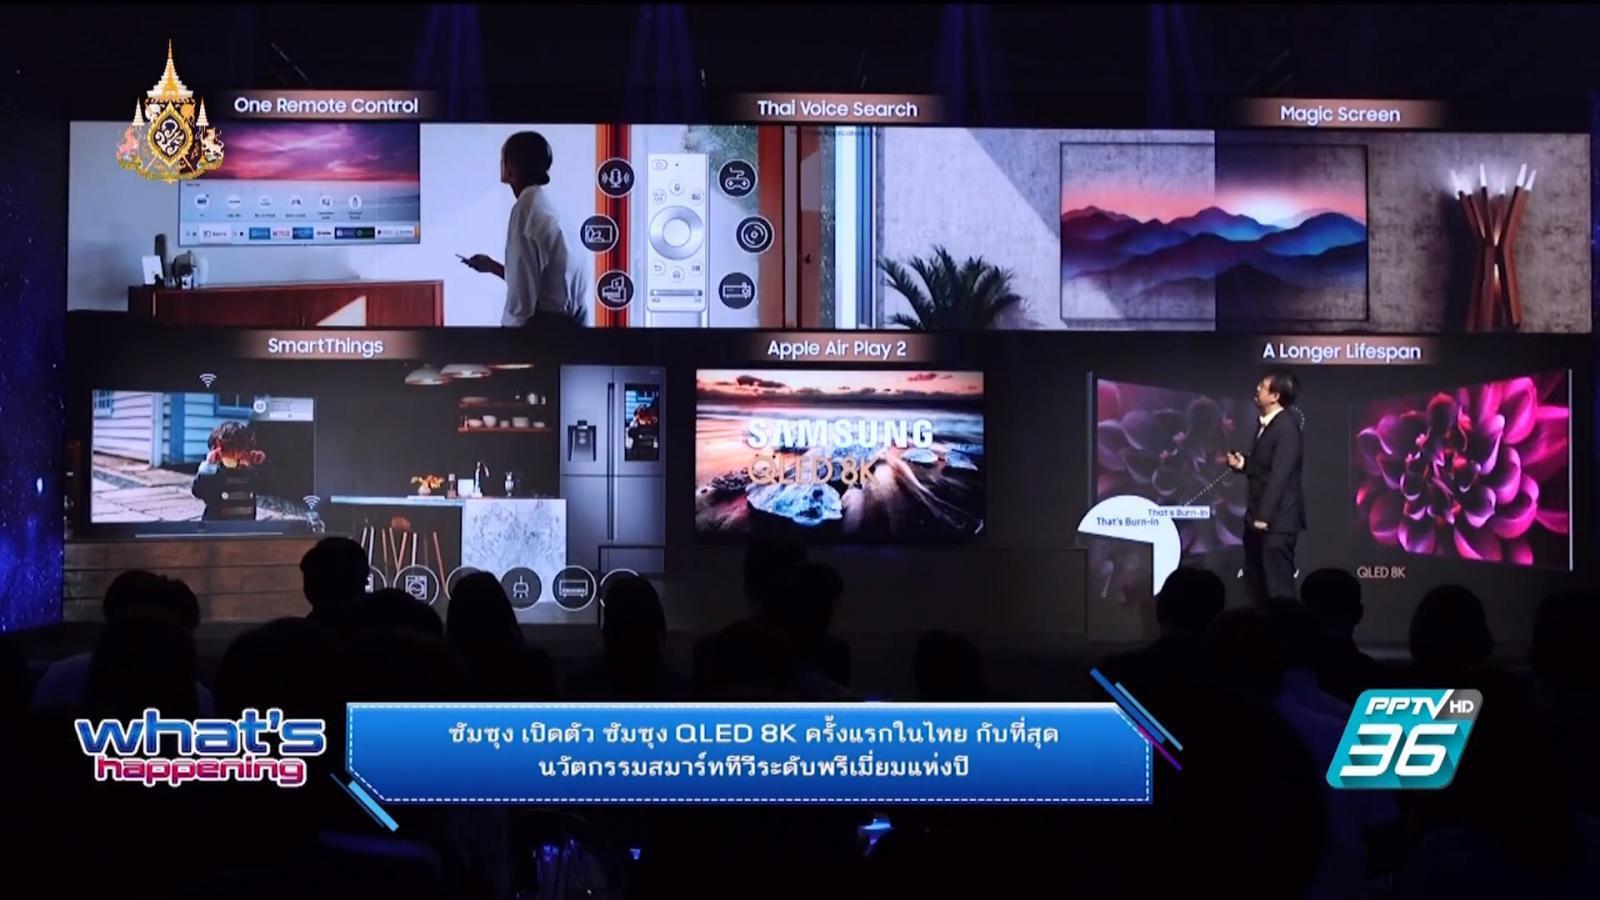 ซัมซุง เปิดตัว ซัมซุง QLED 8K ครั้งแรกในไทย